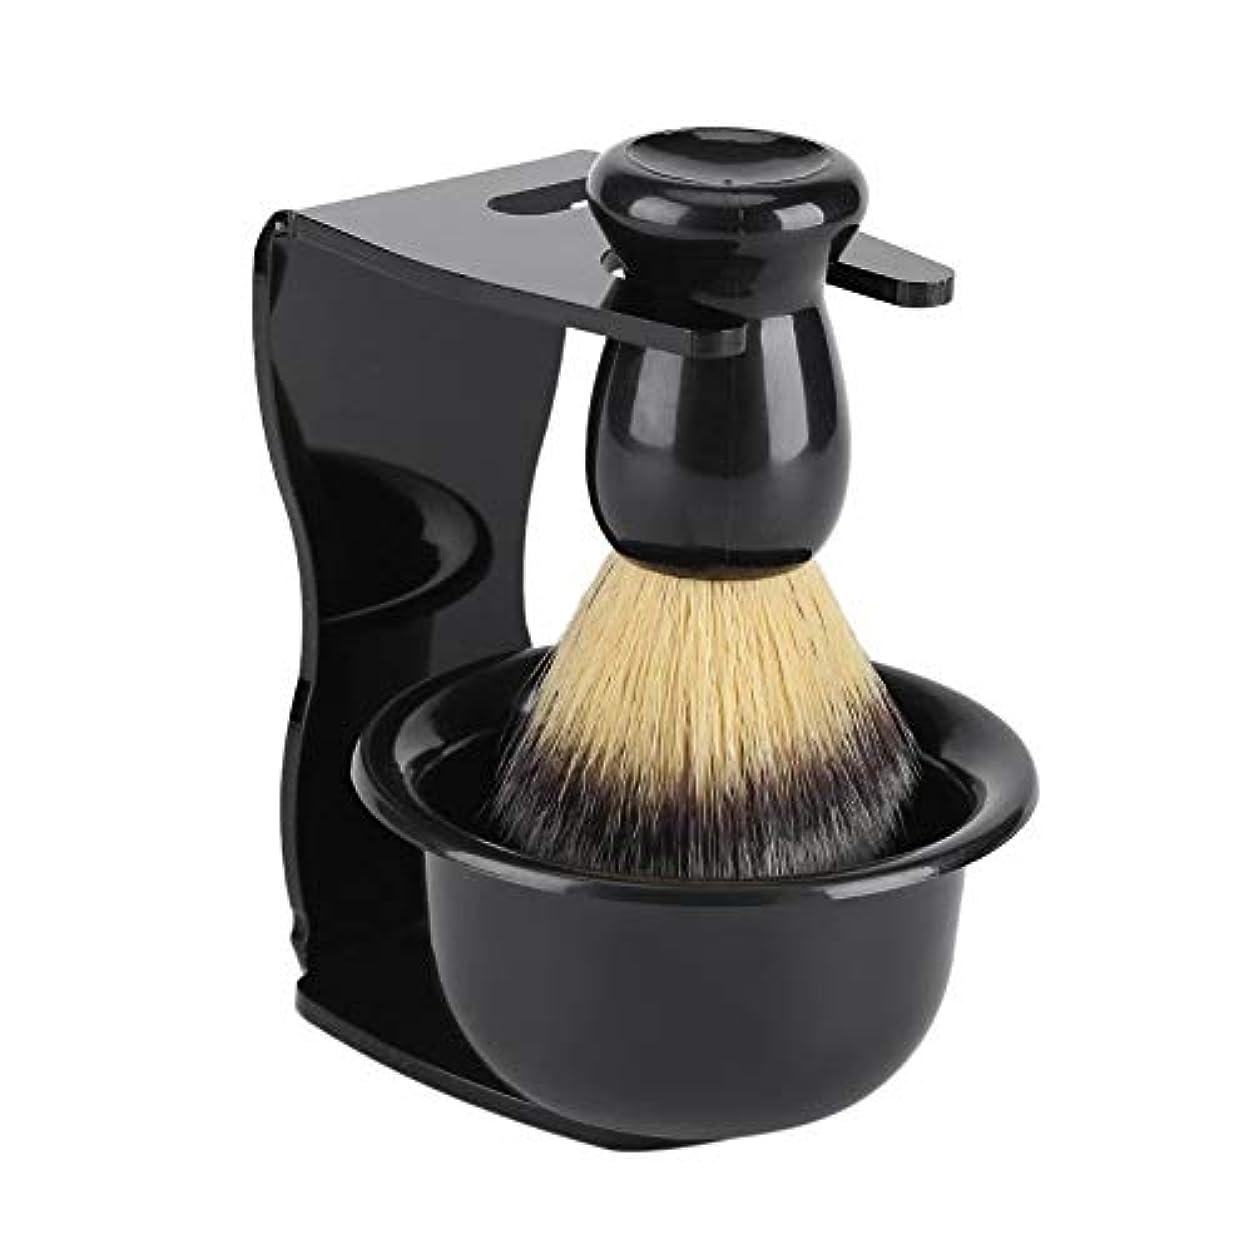 アスペクトビジョンアカウント3セットひげブラシ シェービングブラシ プレゼントシェービングブラシセット プラシスタンド 石鹸ボウル 理容 洗顔 髭剃り